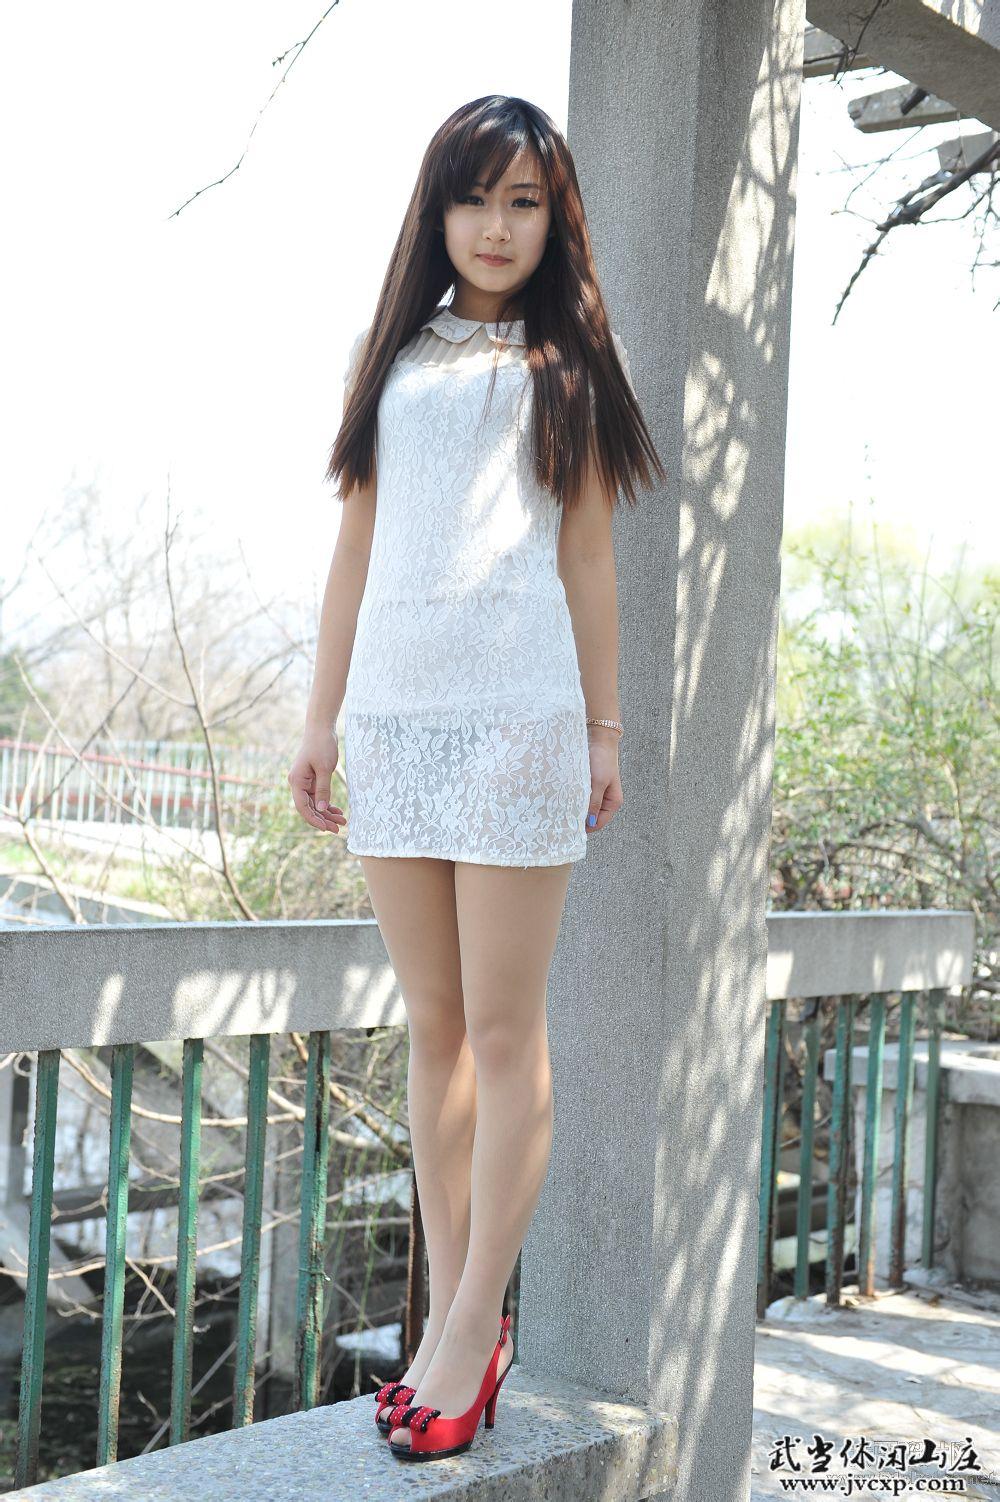 白色高跟鞋肉色丝袜_一套白衣服配黑丝袜好看还是配肉色丝袜好看_百度知道